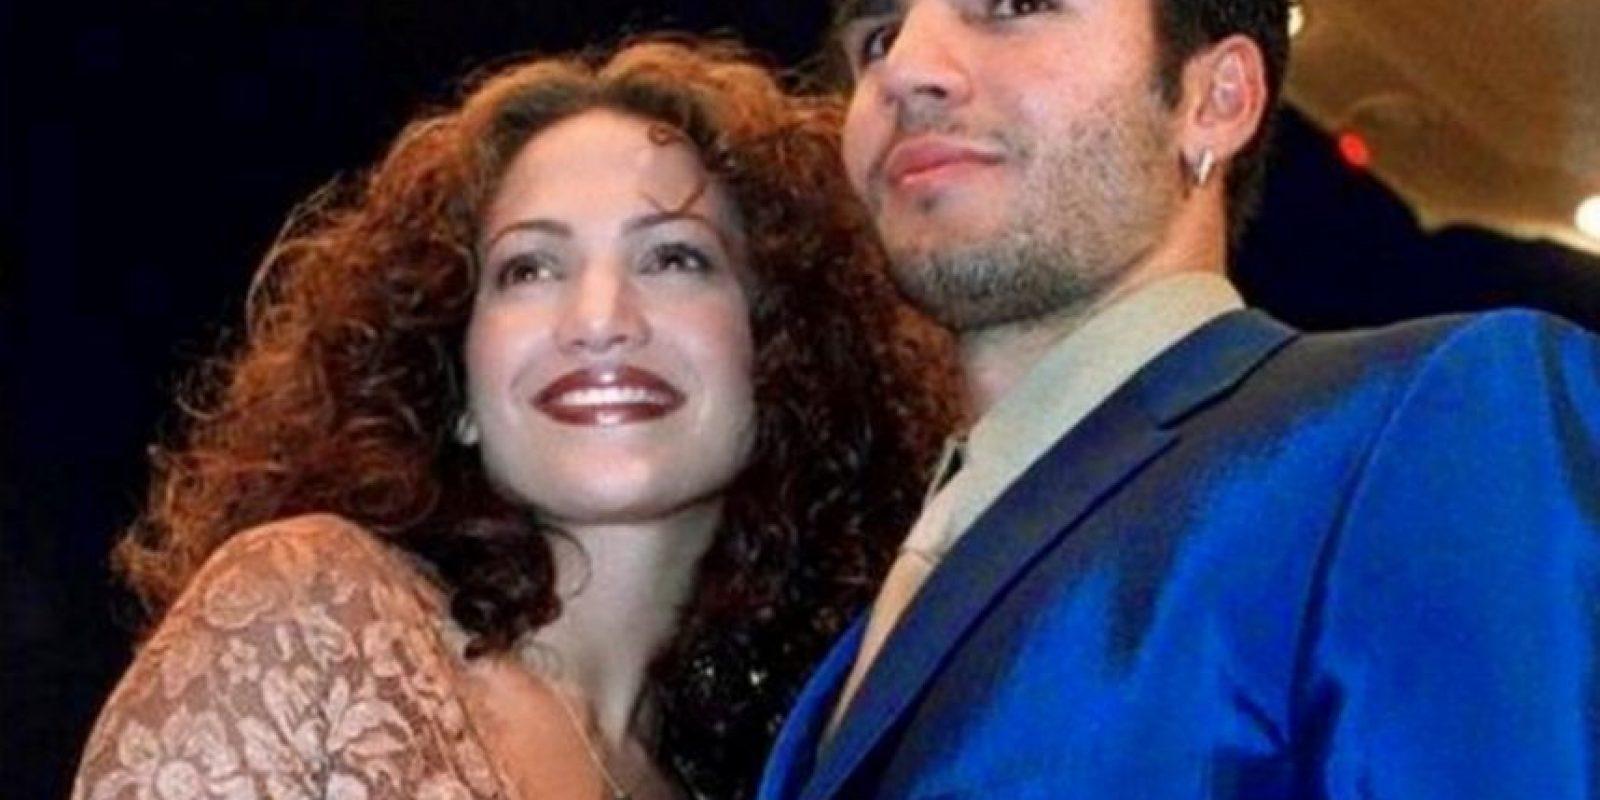 Ojani Noa. Se casó con él en 1997. De acuerdo con JLo, fue amor a primera vista, pero se acabó en menos de un año. Foto:Getty Images